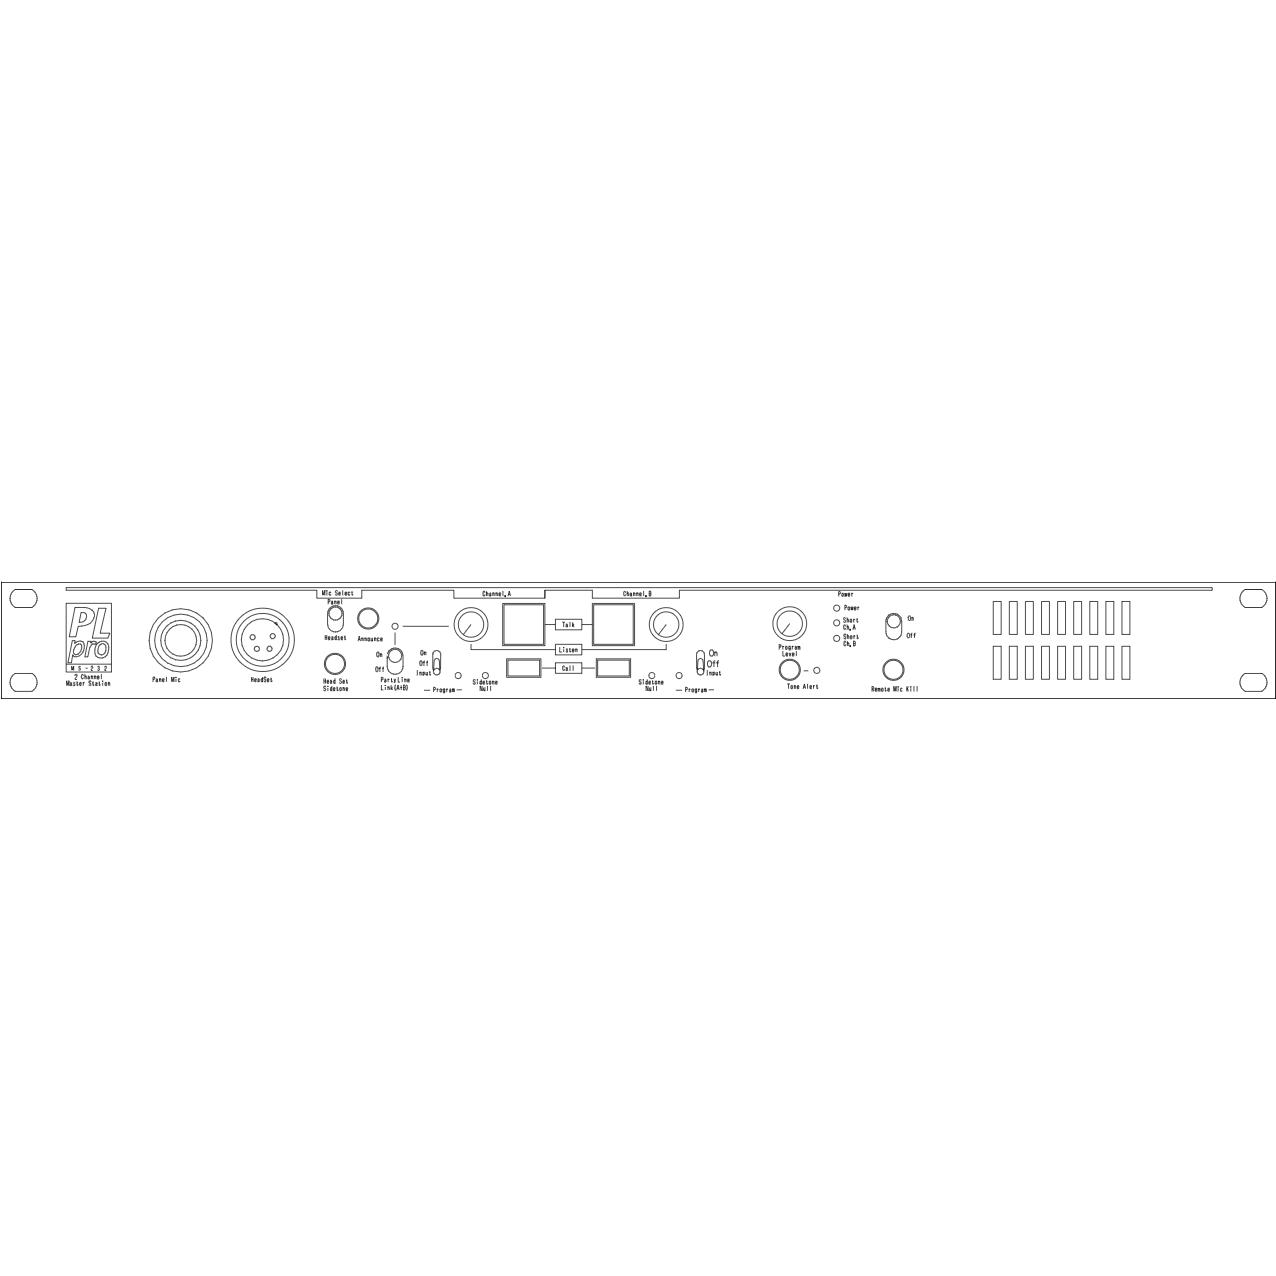 パーティラインインカム 6chセット [ PS-232/RS-601/DT-108 ]